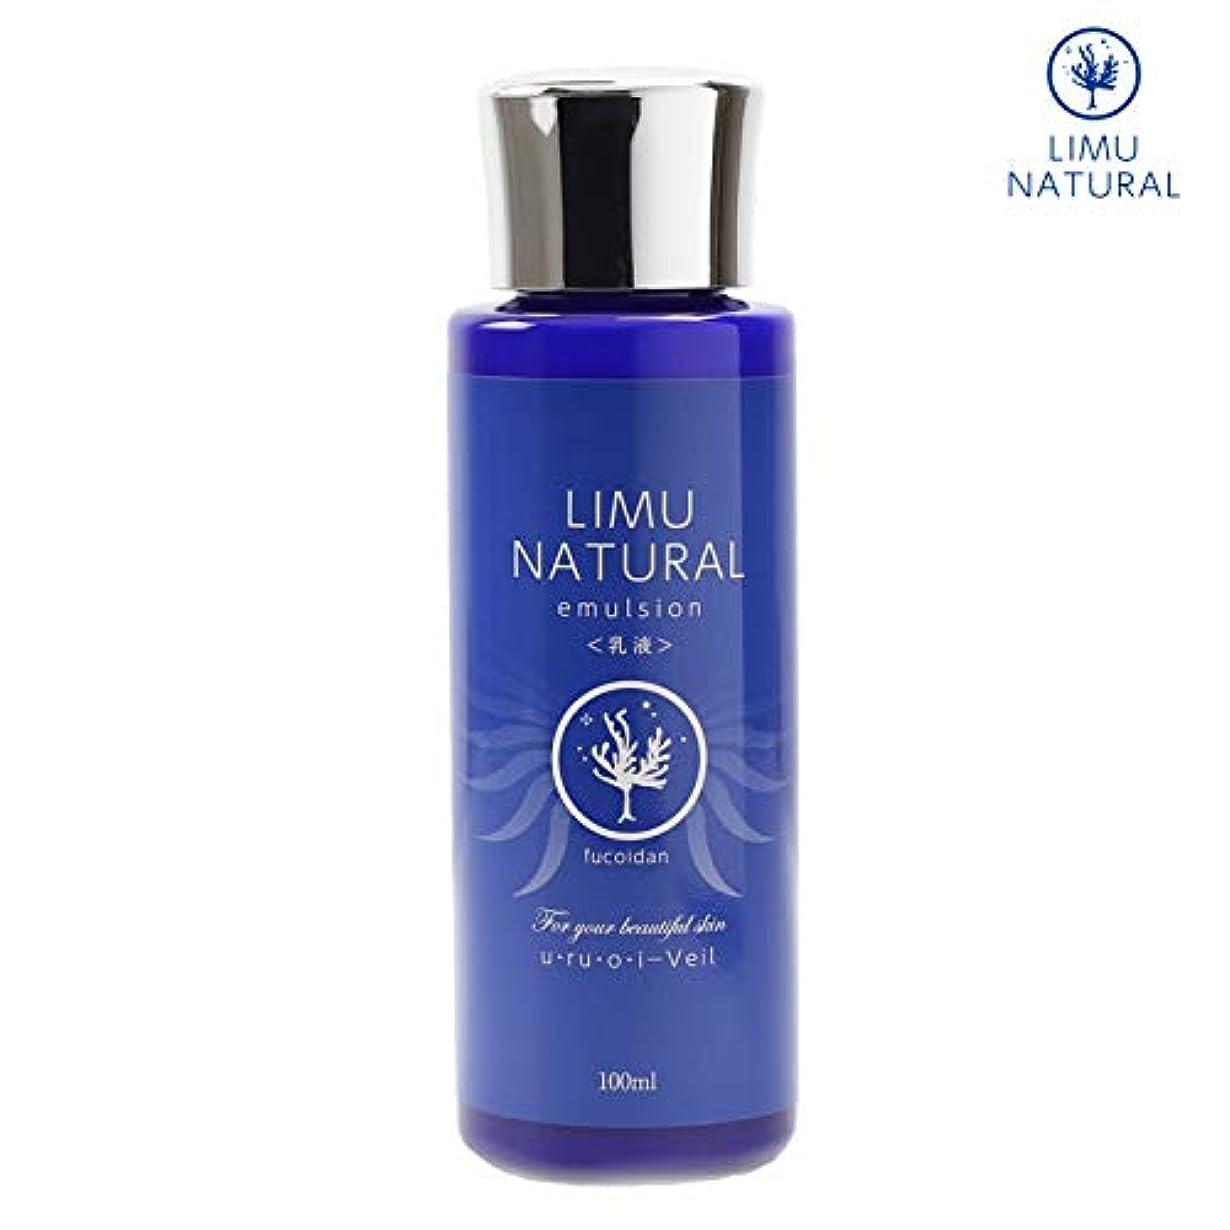 エアコン日常的にバナーリムナチュラル 乳液 LIMU NATURAL EMULSION (100ml) 海の恵「フコイダン」と大地の恵「グリセリルグルコシド」を贅沢に配合